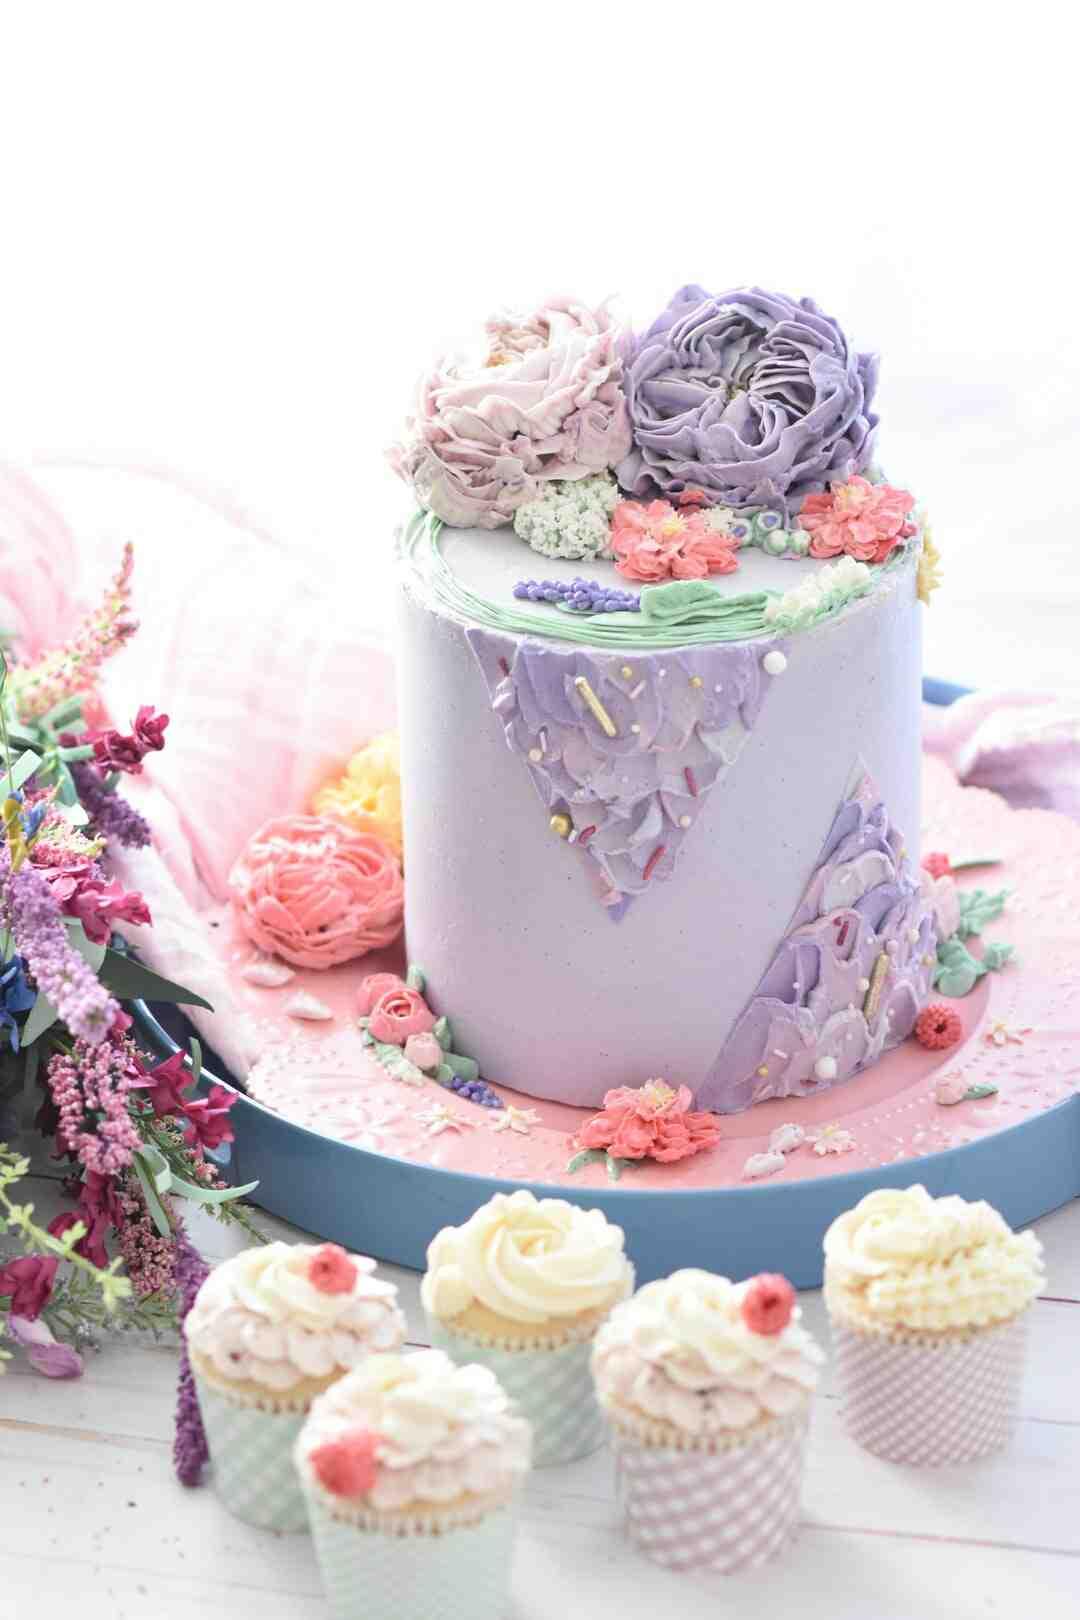 Comment faire des décorations pour un anniversaire ?